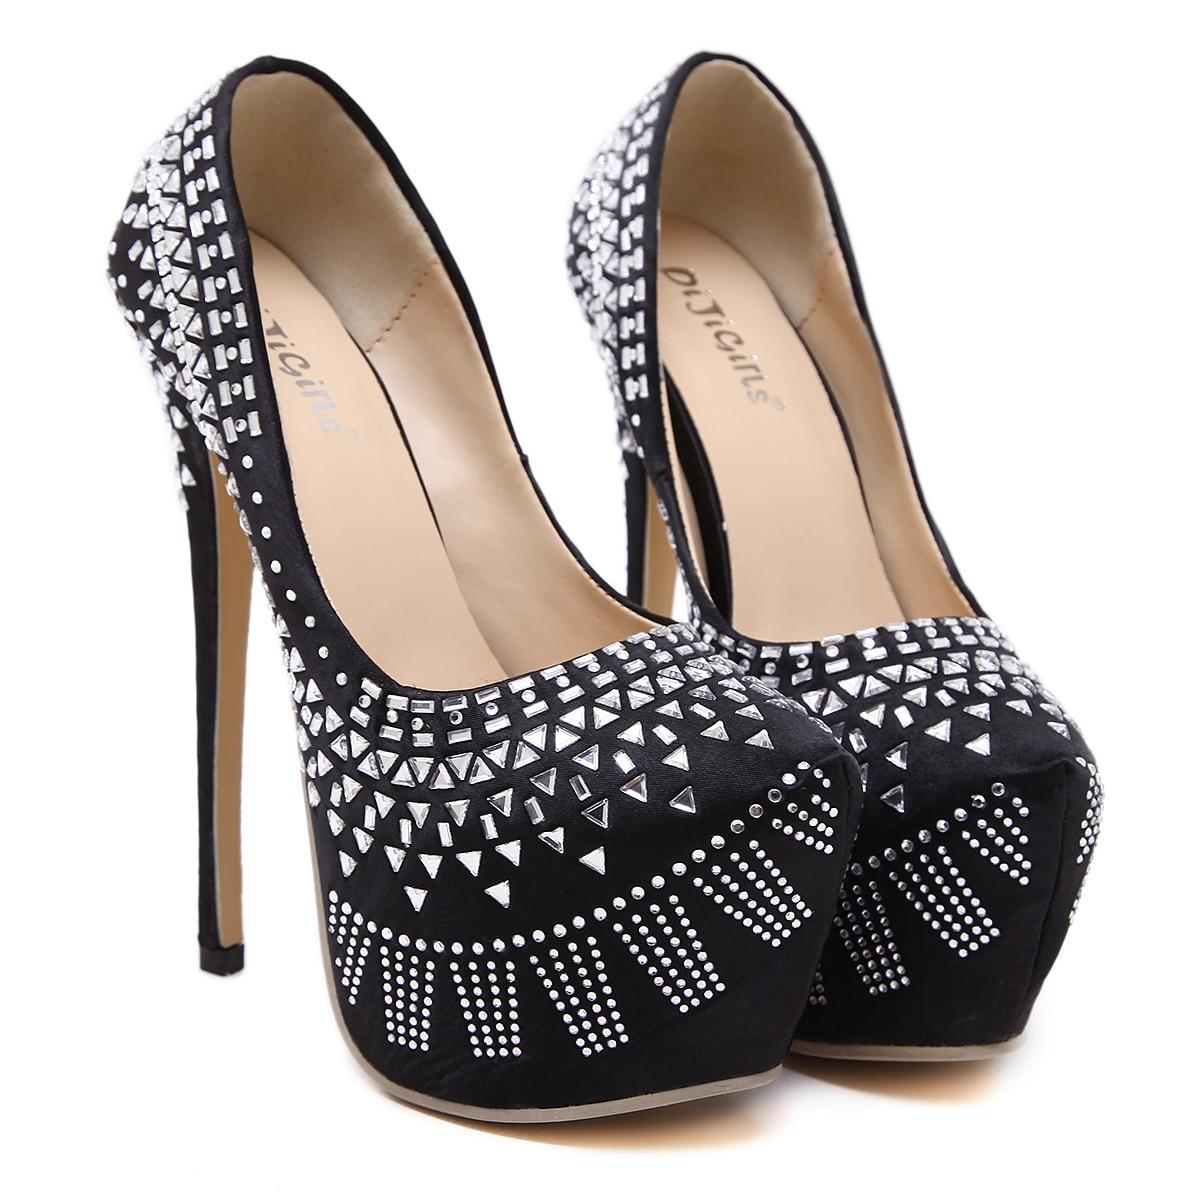 f4f5d8d5e1 ⊱Moda Donna Tacchi Alti Piattaforme Scarpe Donna Elegante Partito ...